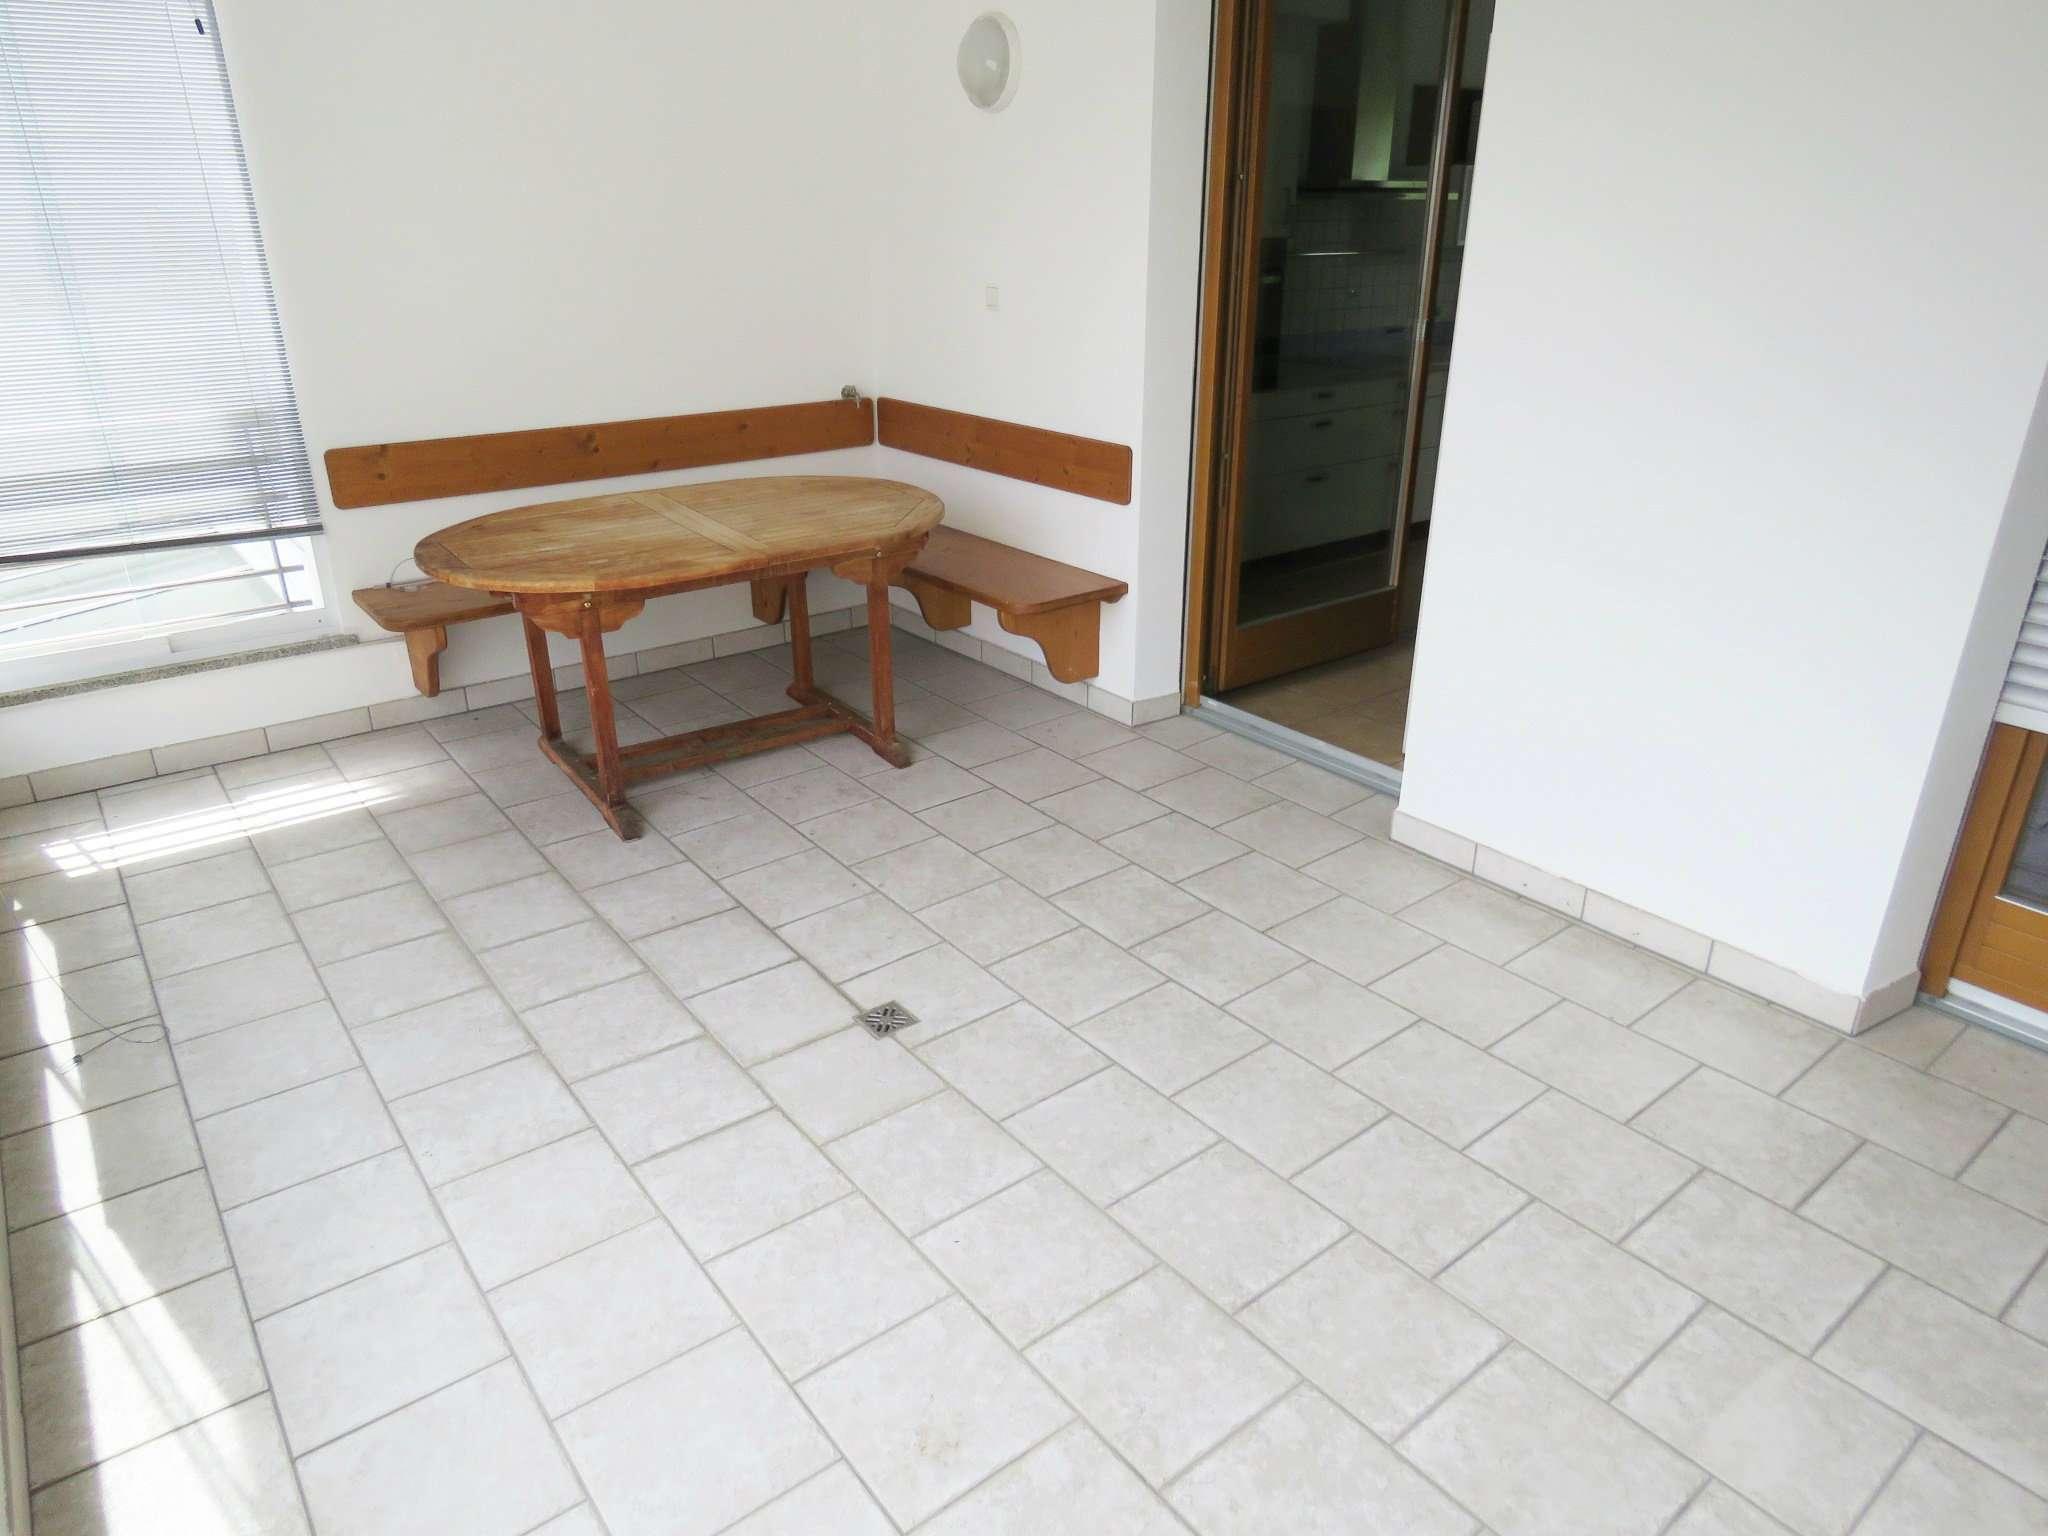 Appartamento in vendita a Marlengo, 2 locali, prezzo € 220.000 | PortaleAgenzieImmobiliari.it